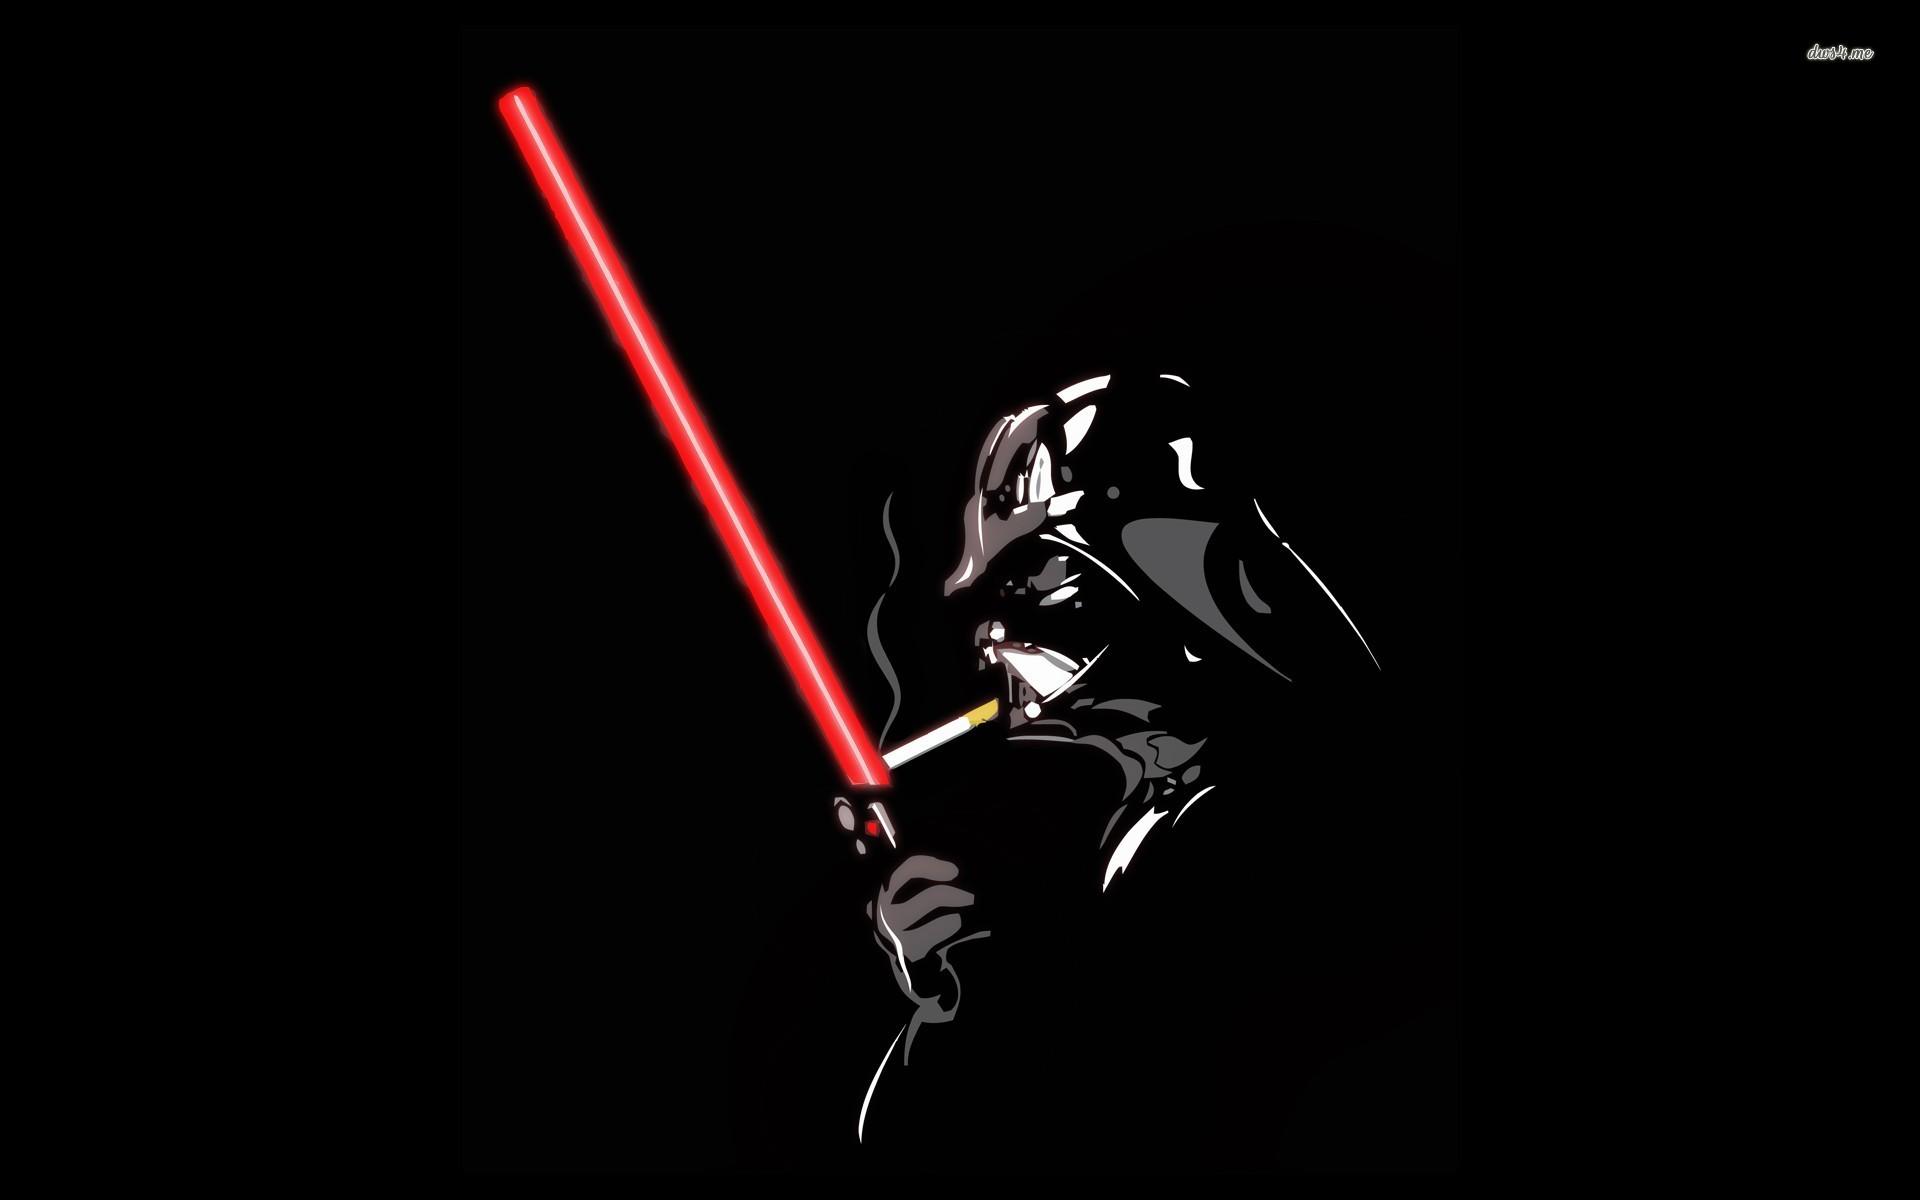 Darth Vader Wallpaper 1920x1200 55680